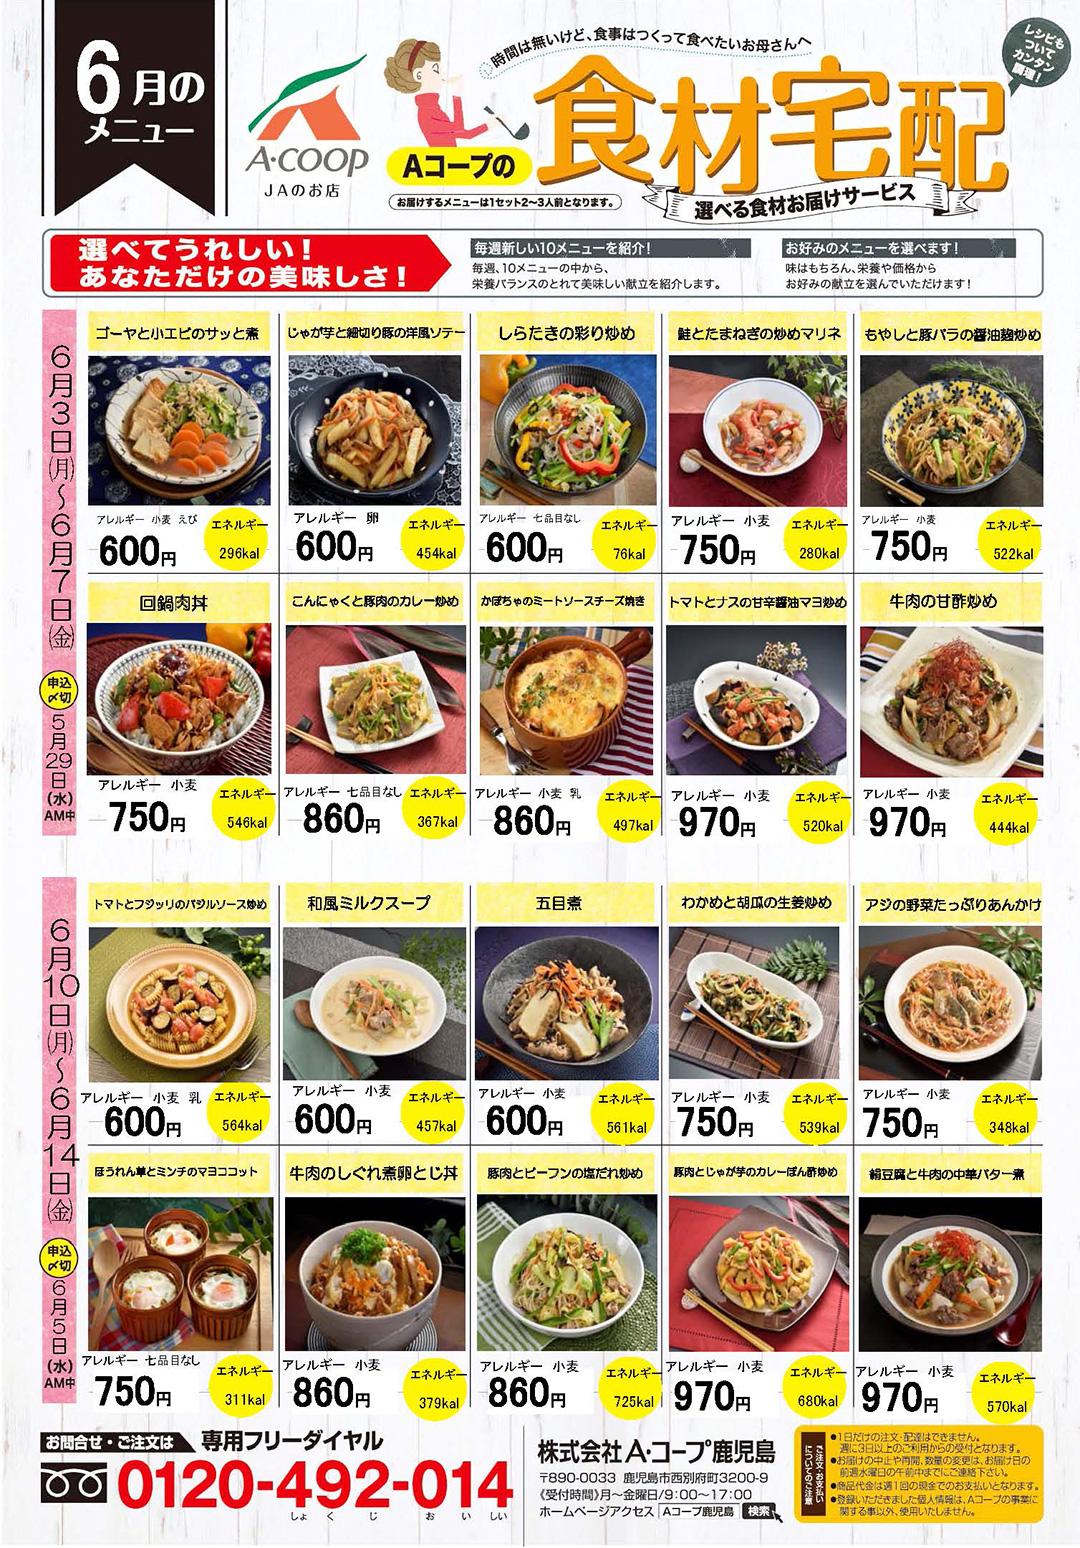 Aコープの食材宅配カレンダー(2019年6月3日-6月14日)